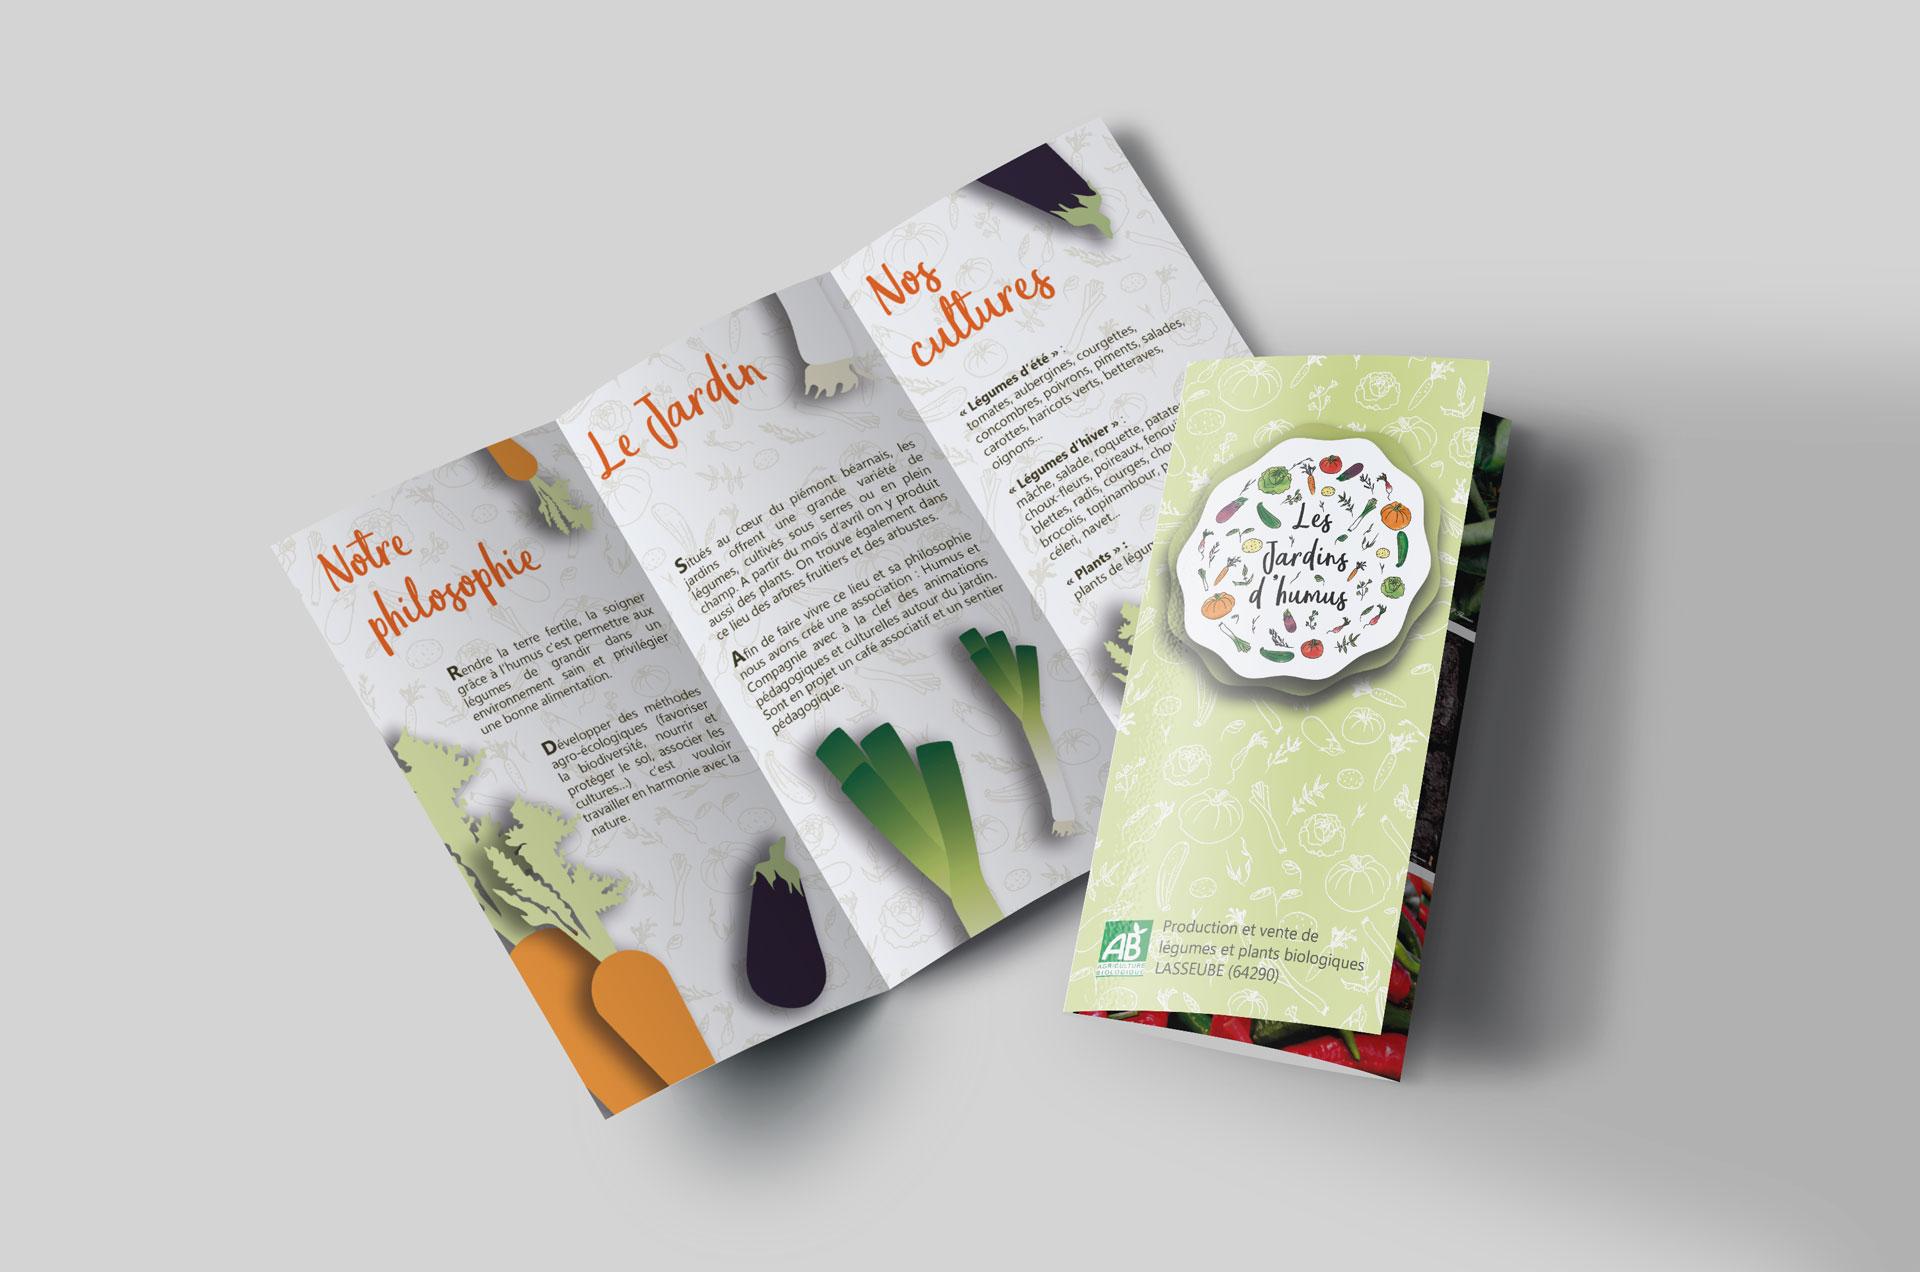 plaquette publicitaire avec légumes